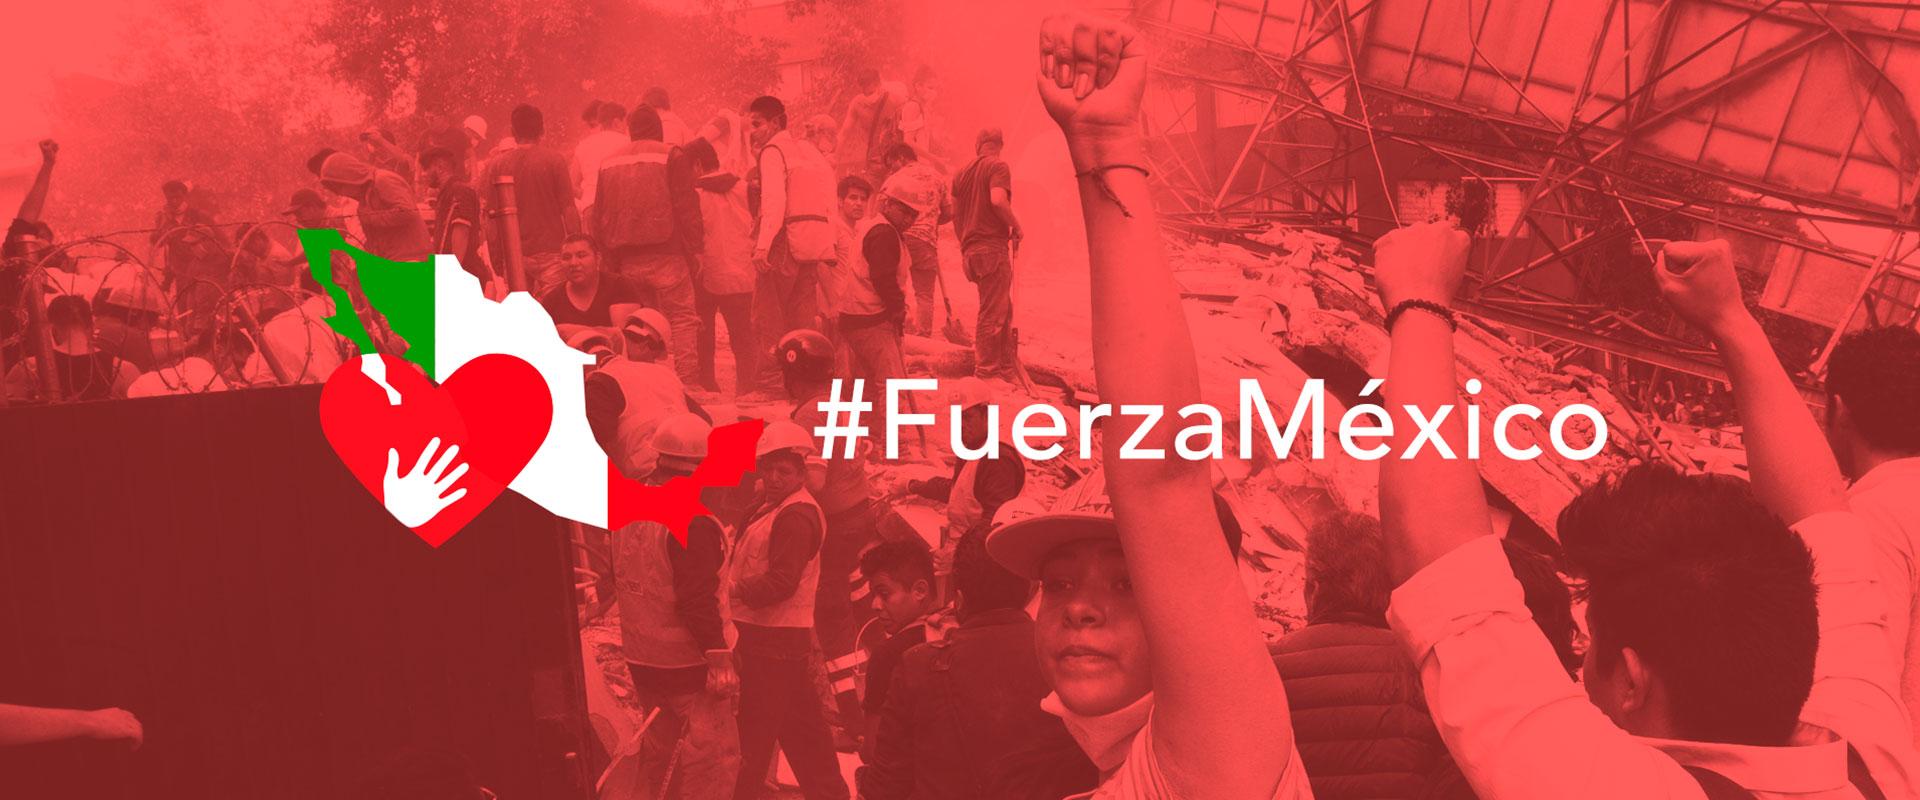 Campaña de Fuerza México por los afectados por el sismo del 19 de septiembre 2017.